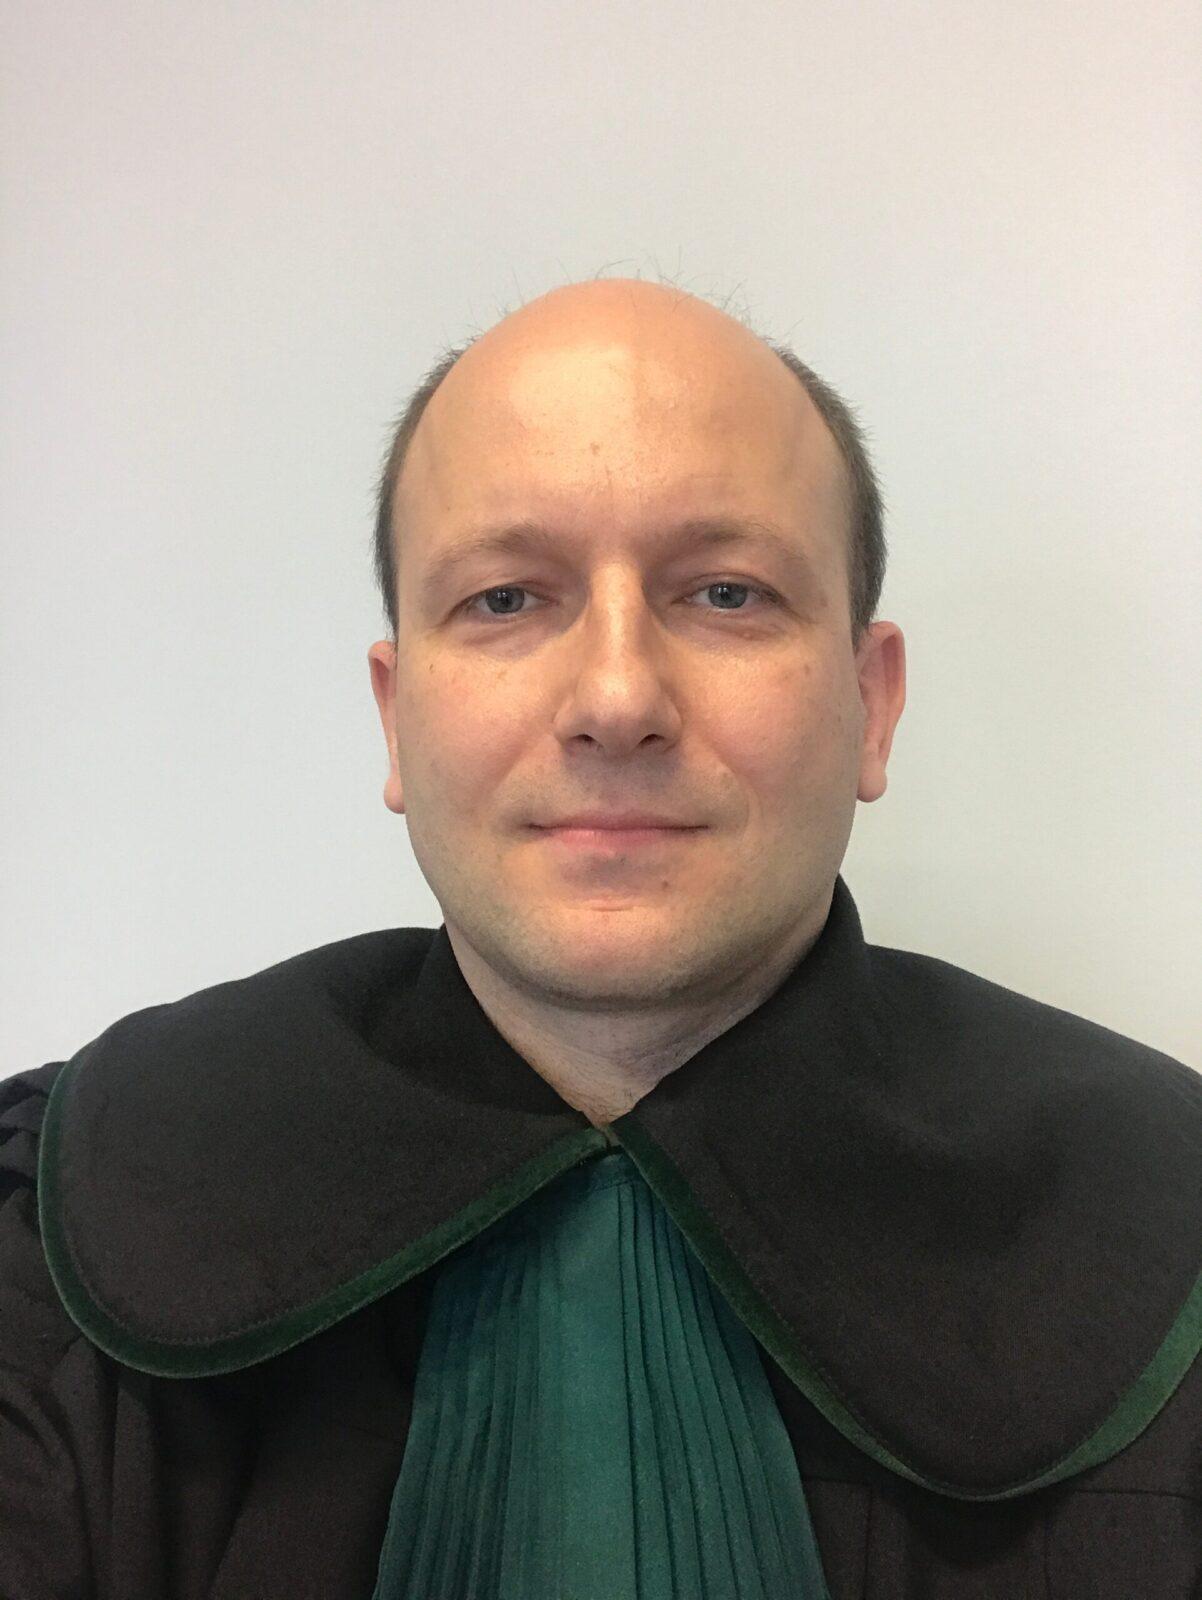 Adwokat Roman Gładysz. Mediator Roman Gładysz